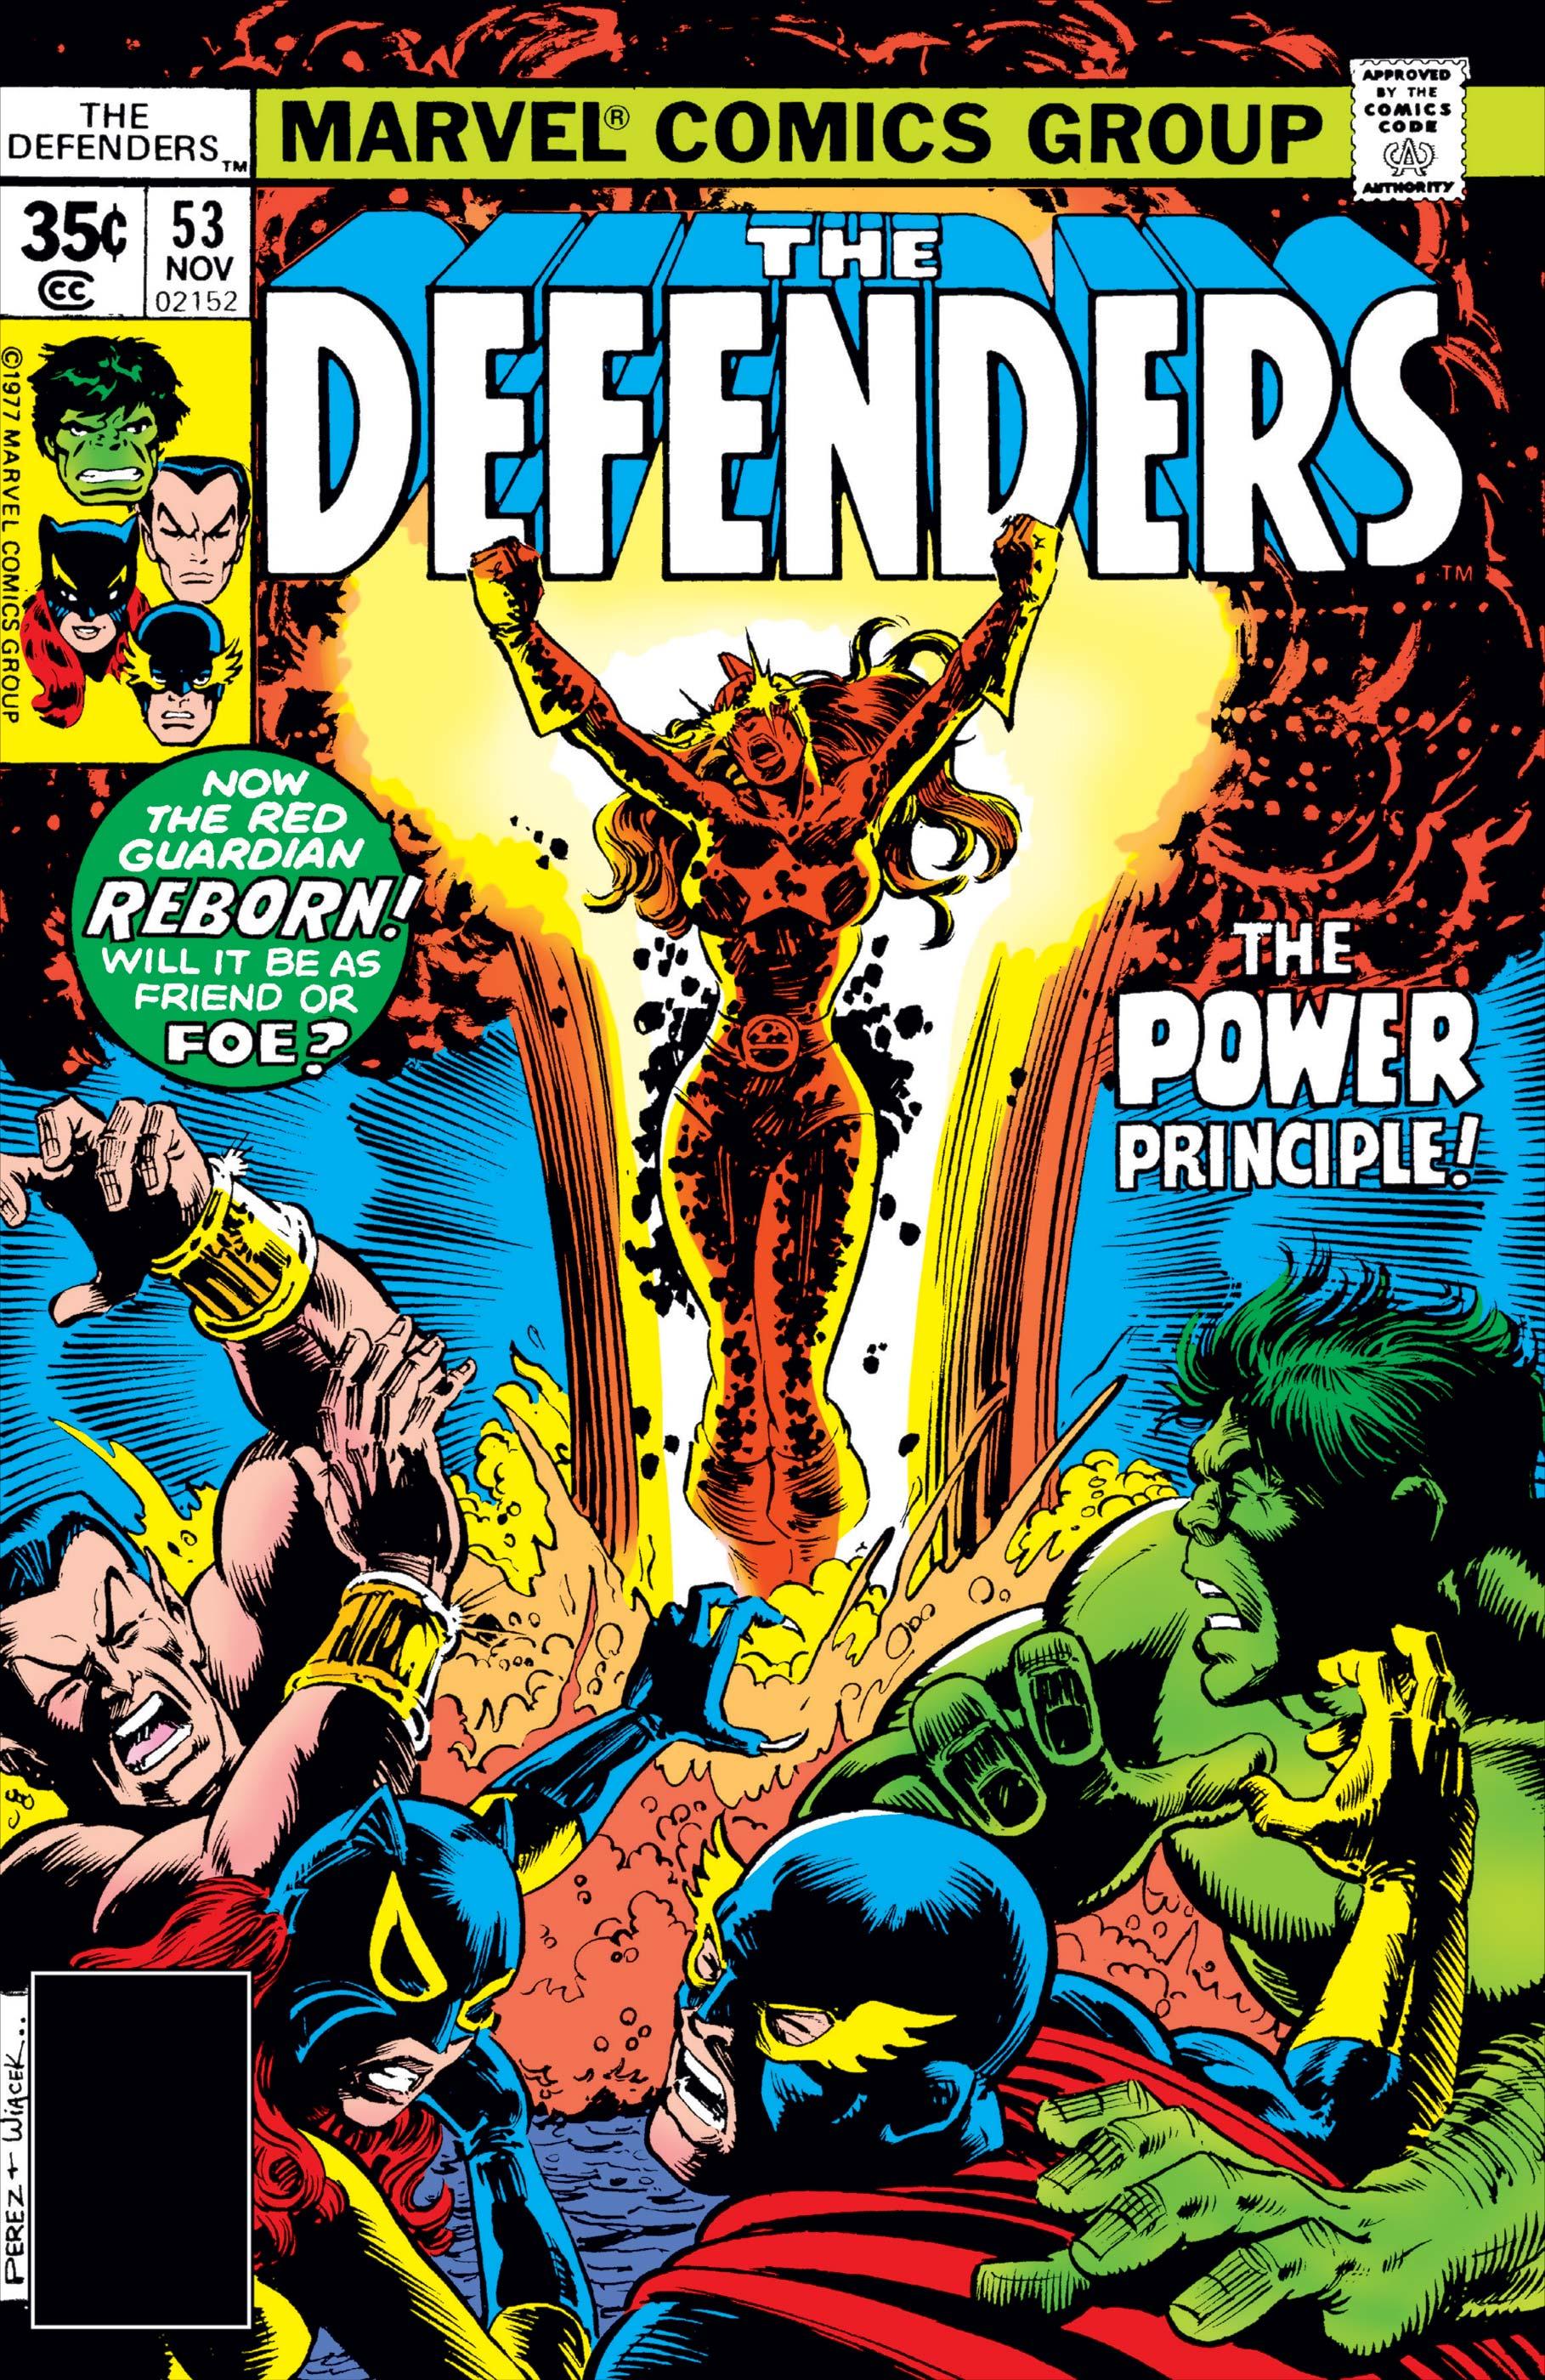 Defenders (1972) #53